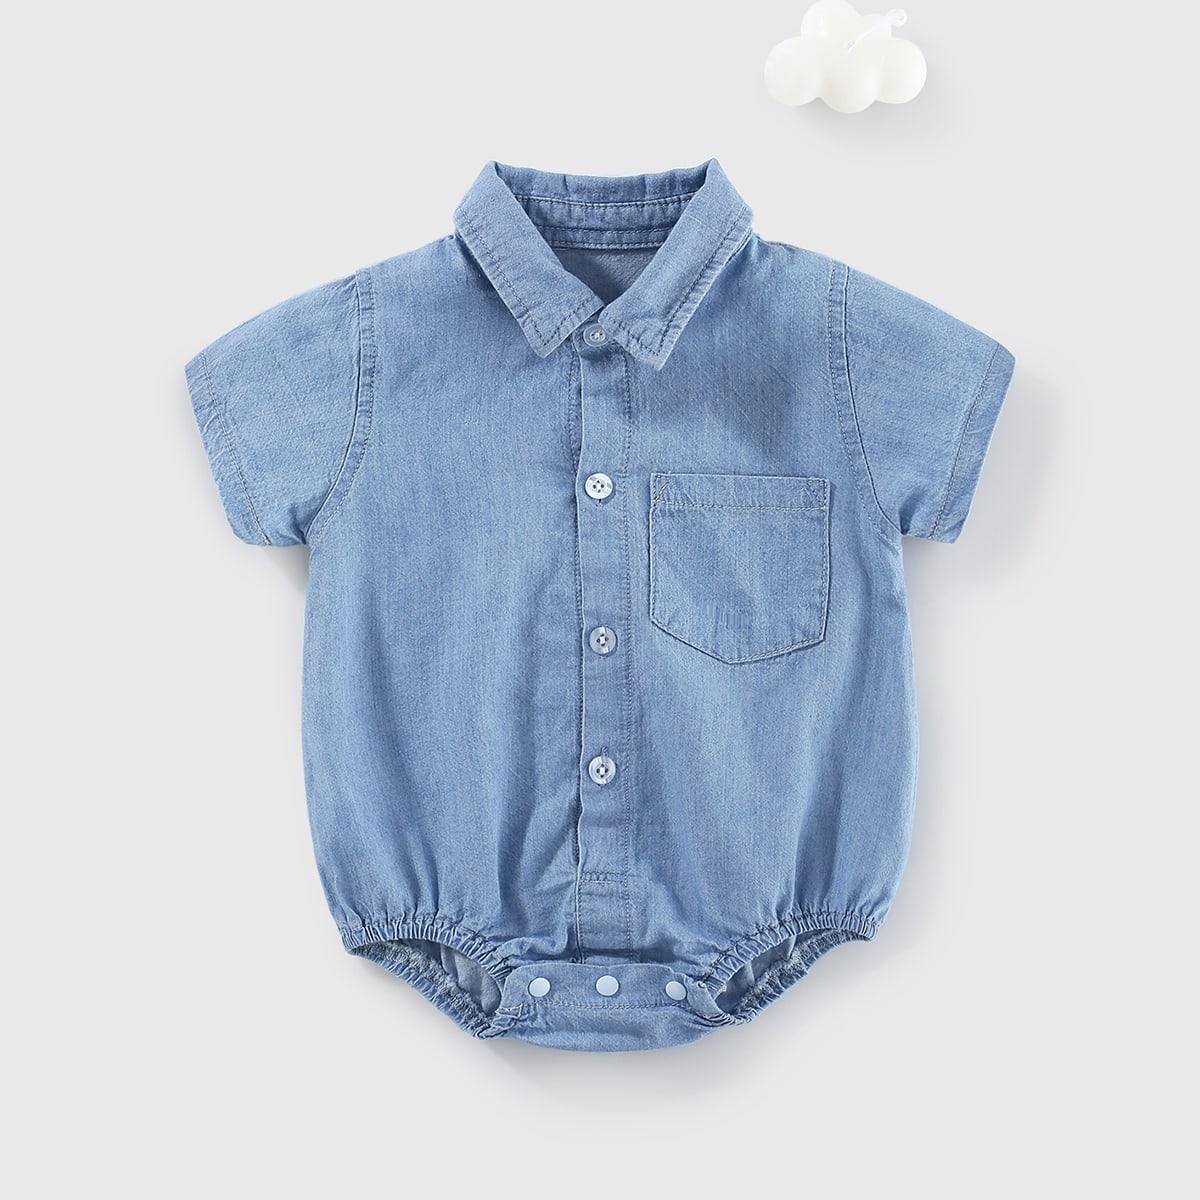 Детский Боди на пуговицах джинсовый от SHEIN